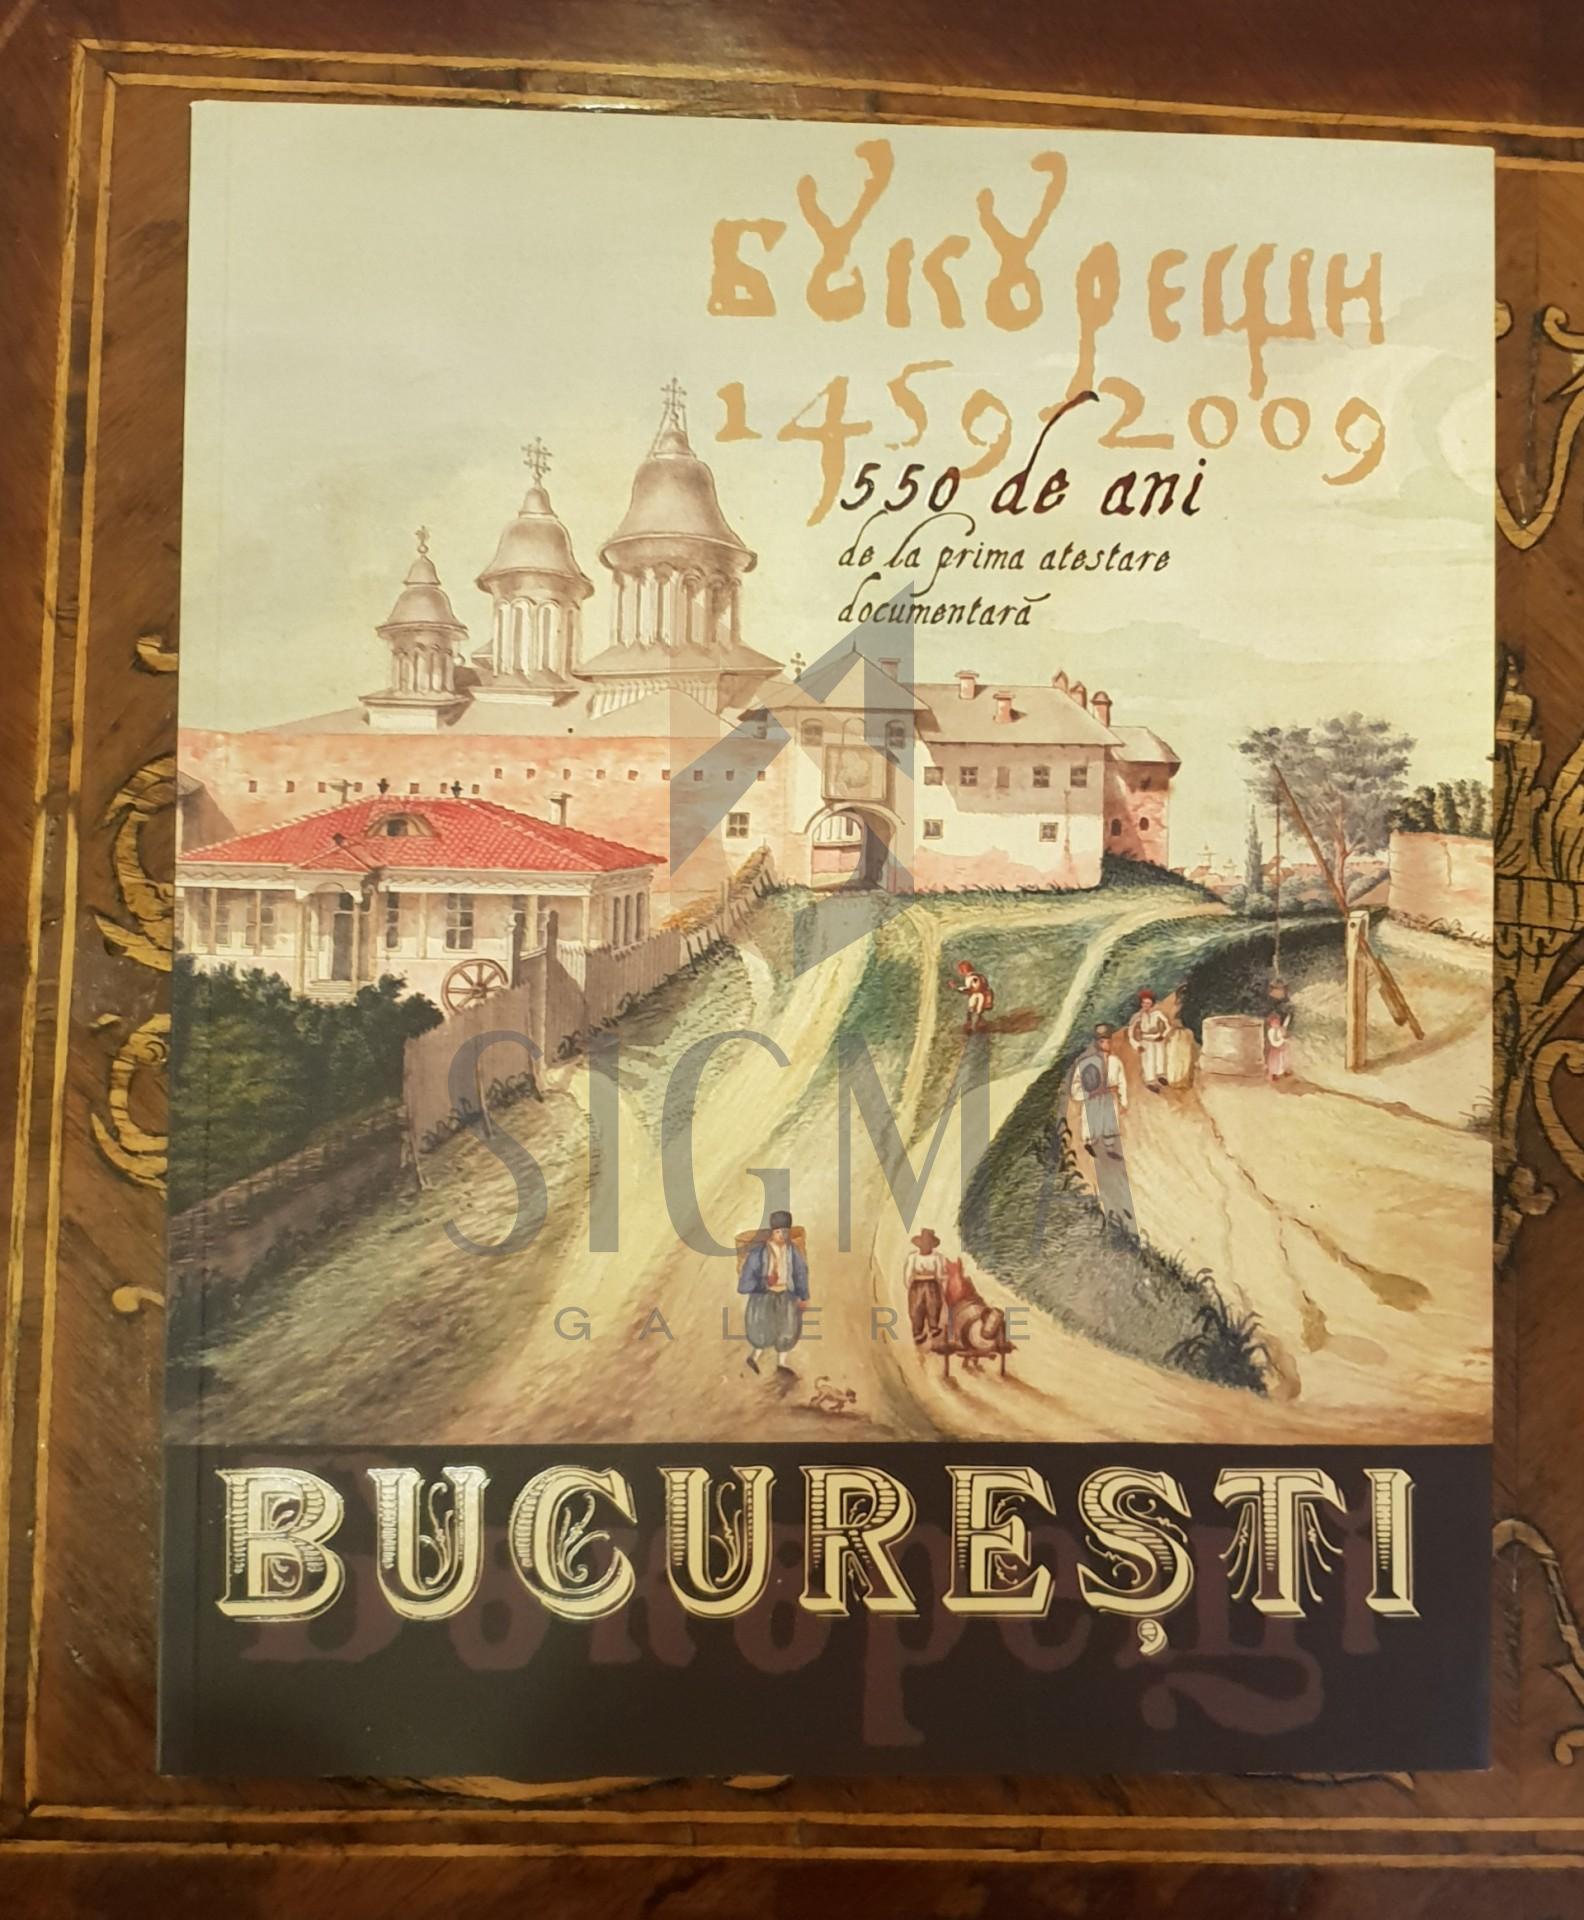 Bucuresti - 550 de ani de la prima atestare documentara (1459-2009)